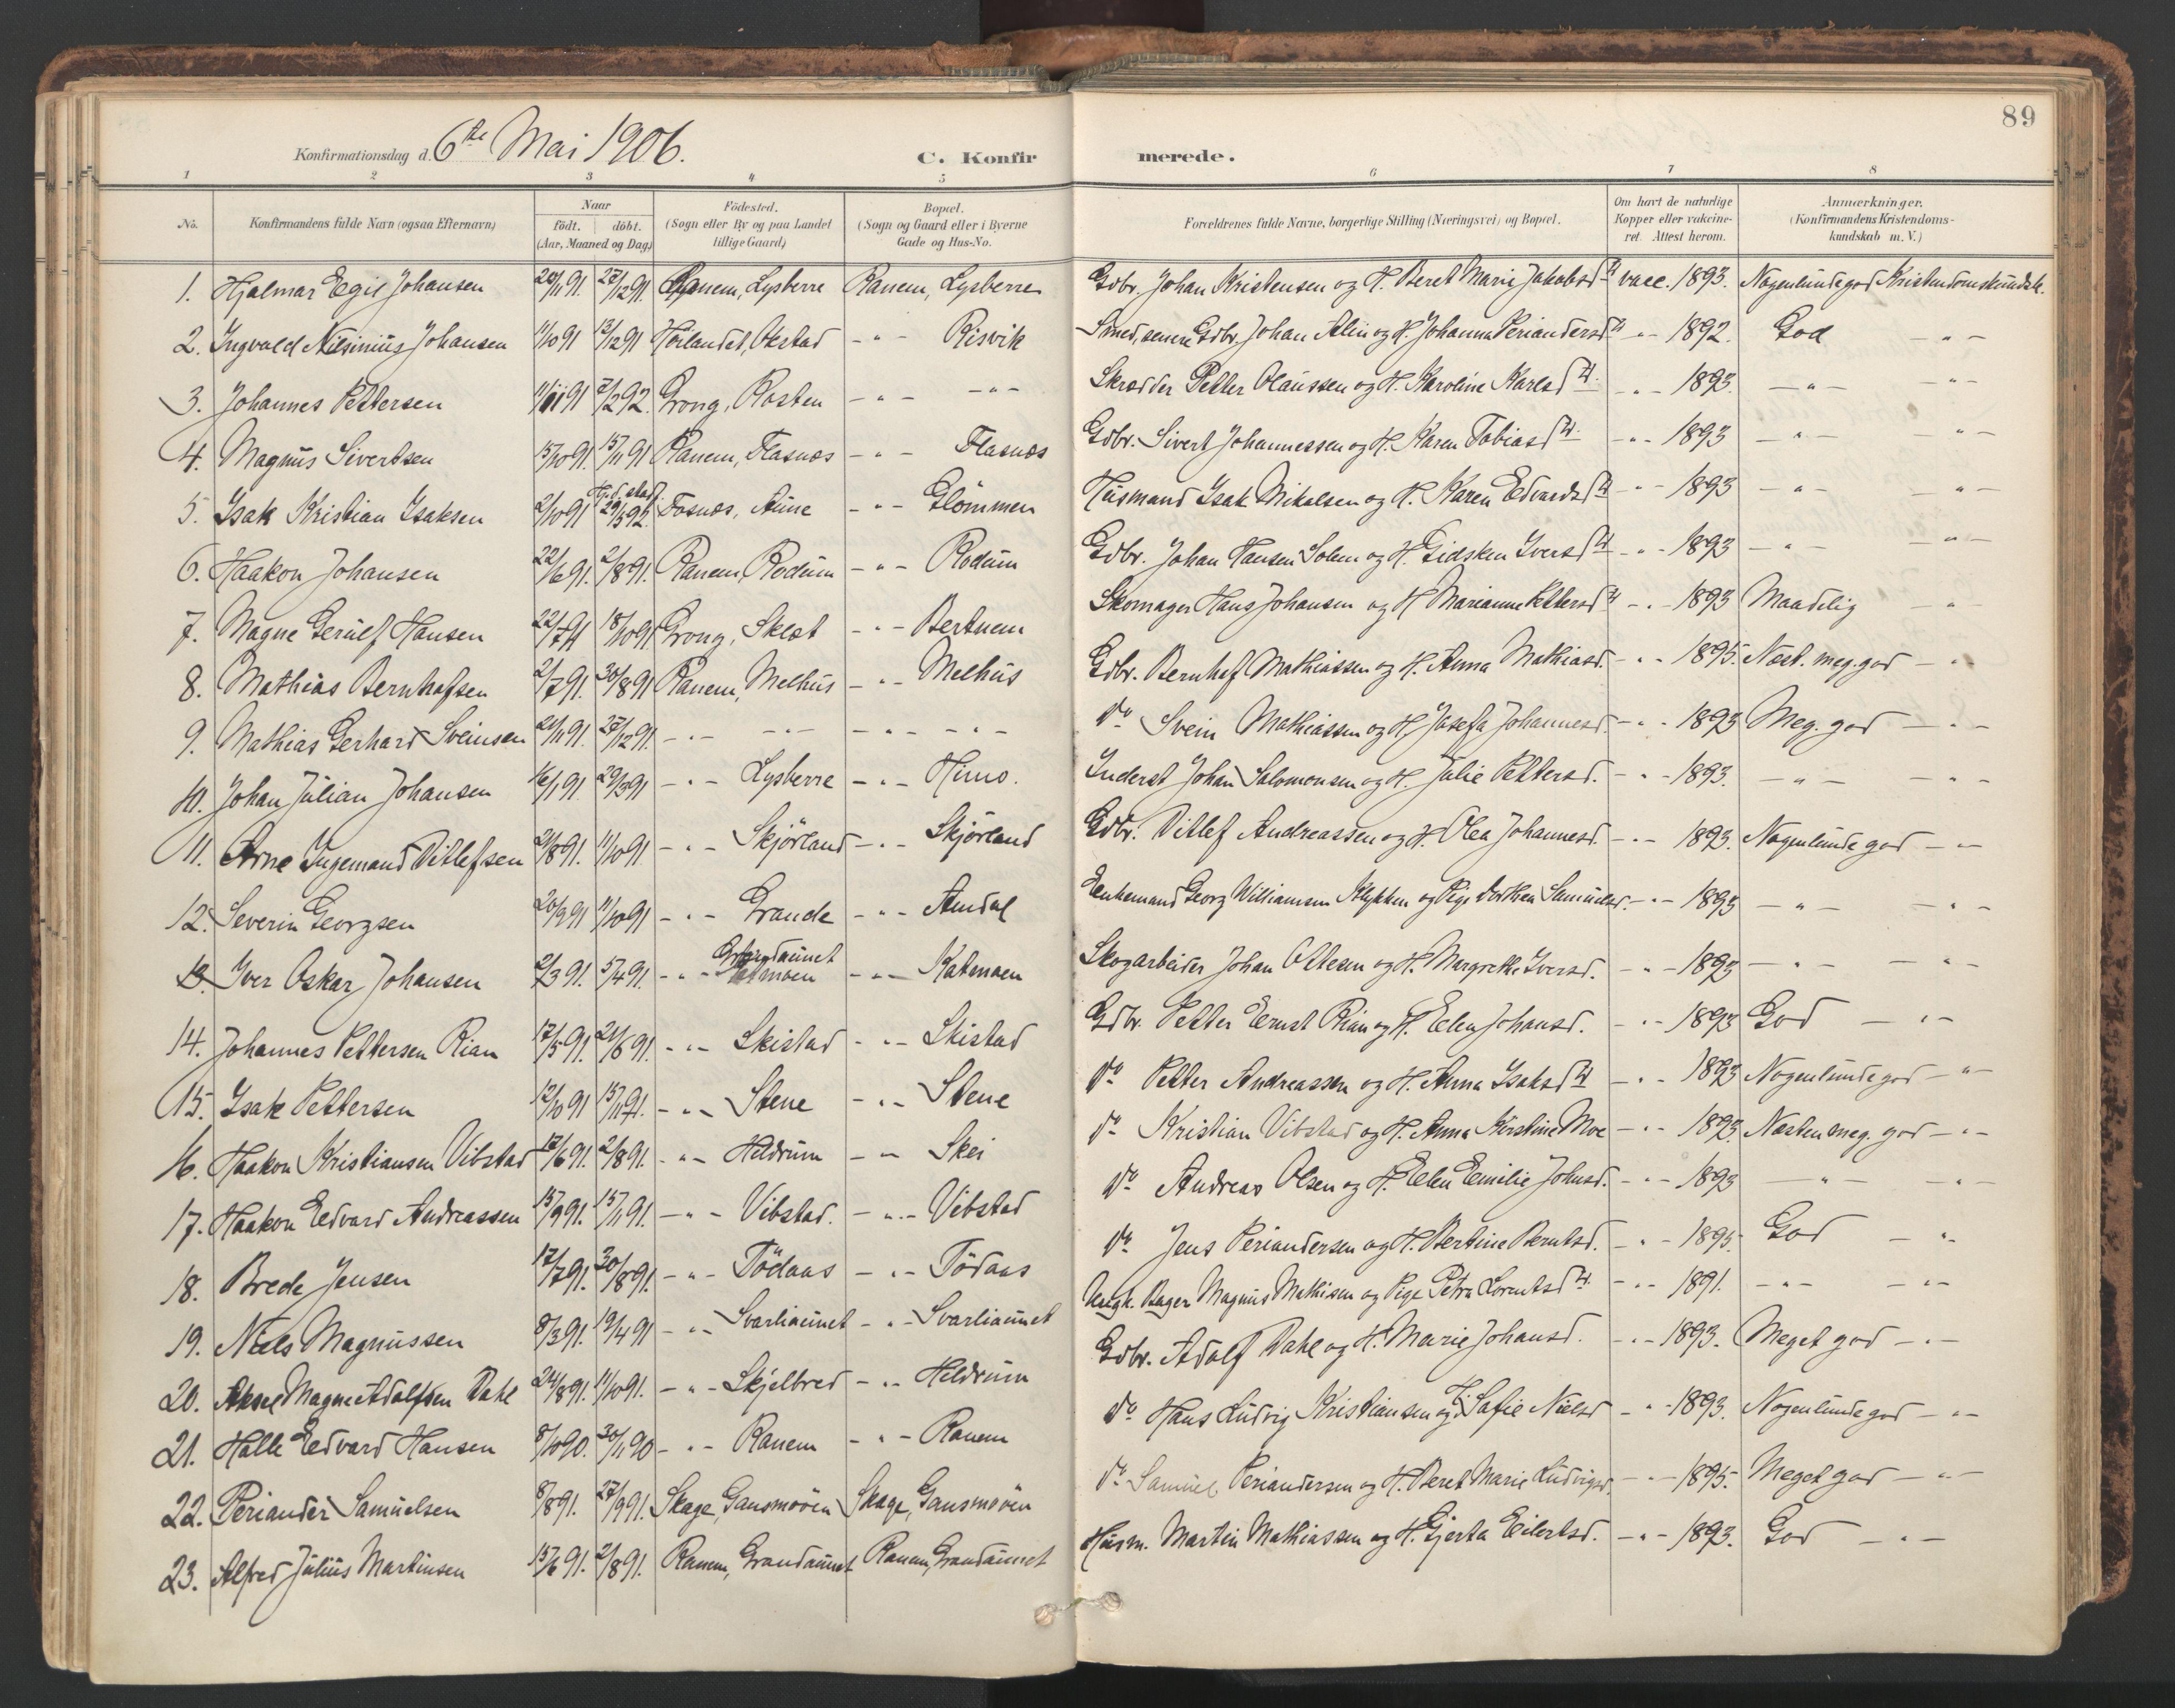 SAT, Ministerialprotokoller, klokkerbøker og fødselsregistre - Nord-Trøndelag, 764/L0556: Ministerialbok nr. 764A11, 1897-1924, s. 89